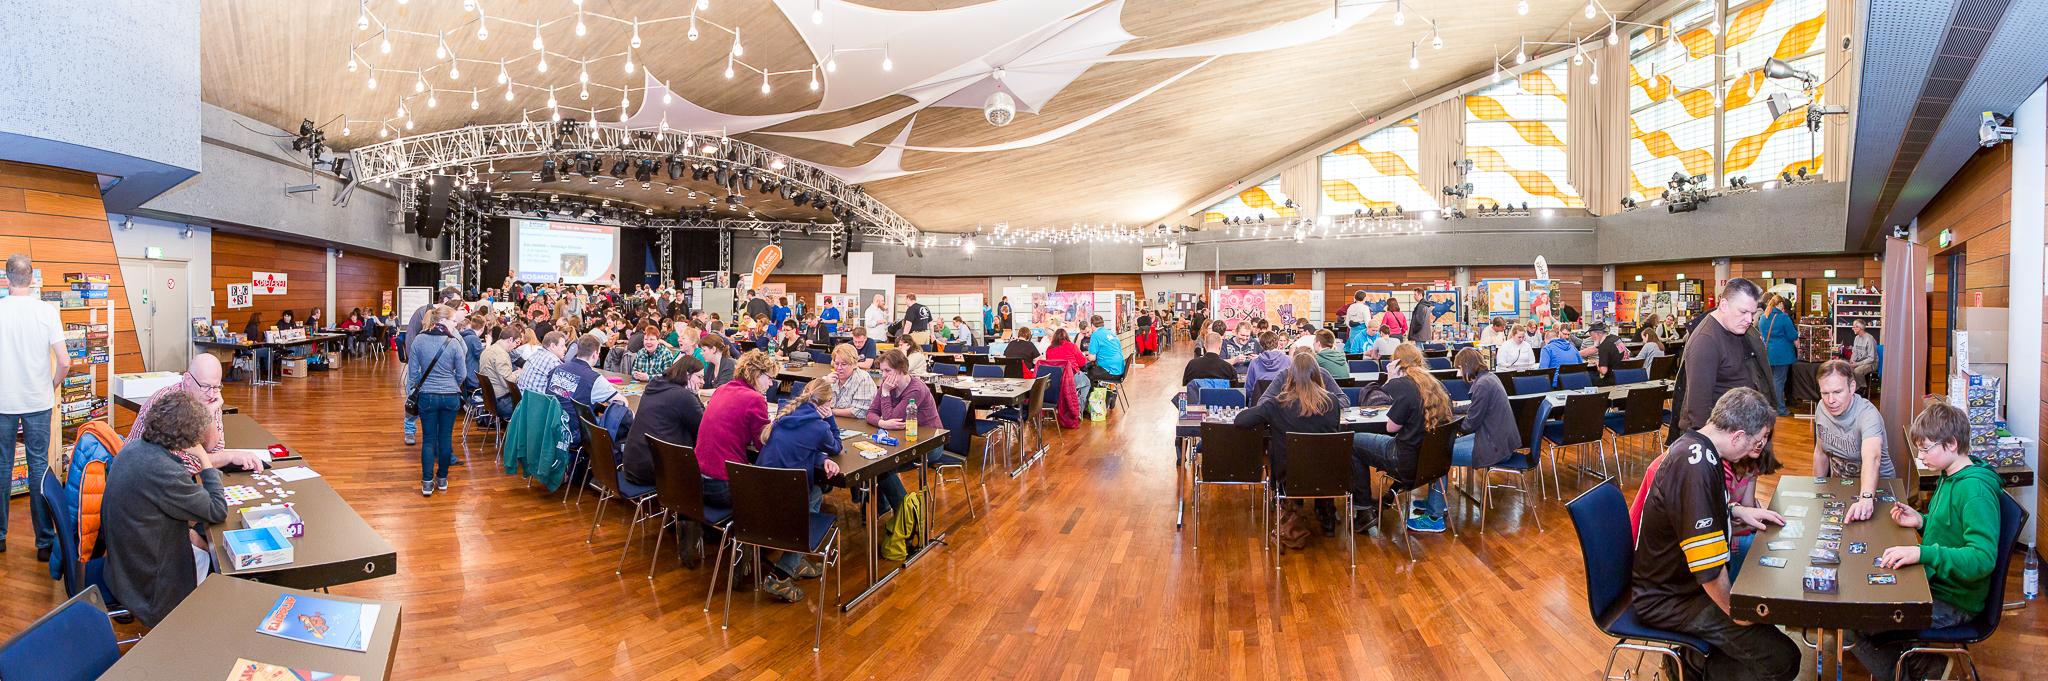 Mit insgesamt 60 Spieleherstellern präsentieren sich so viele Aussteller wie noch nie bei den Spieletagen (Foto: Maik Grabosch)